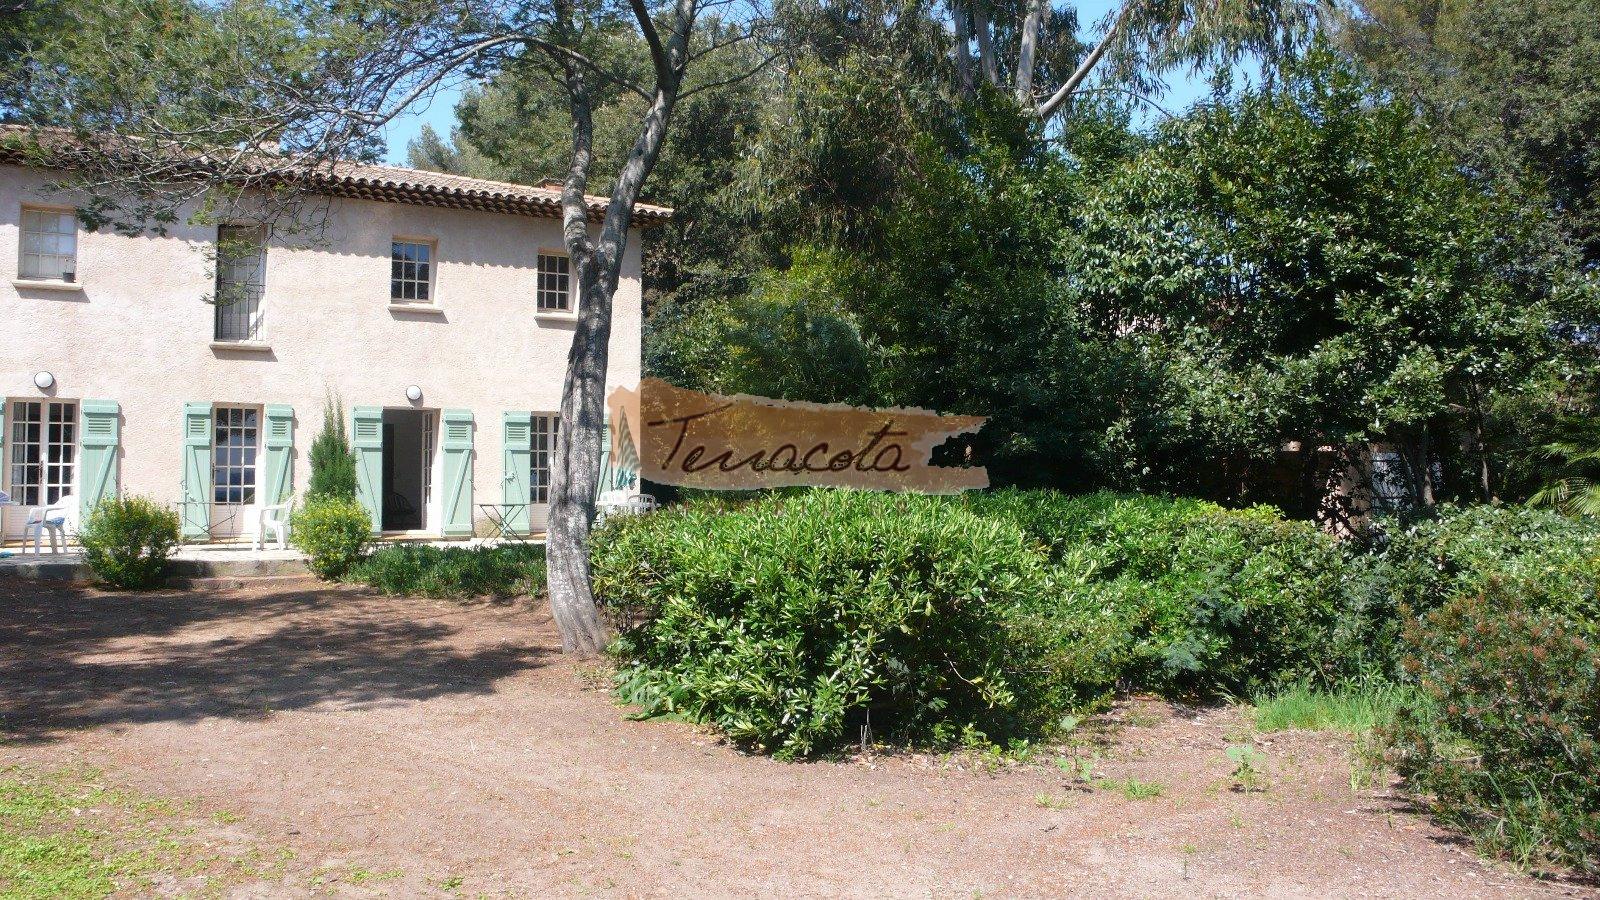 Location de vacances Maison Saint-Raphaël (83700)